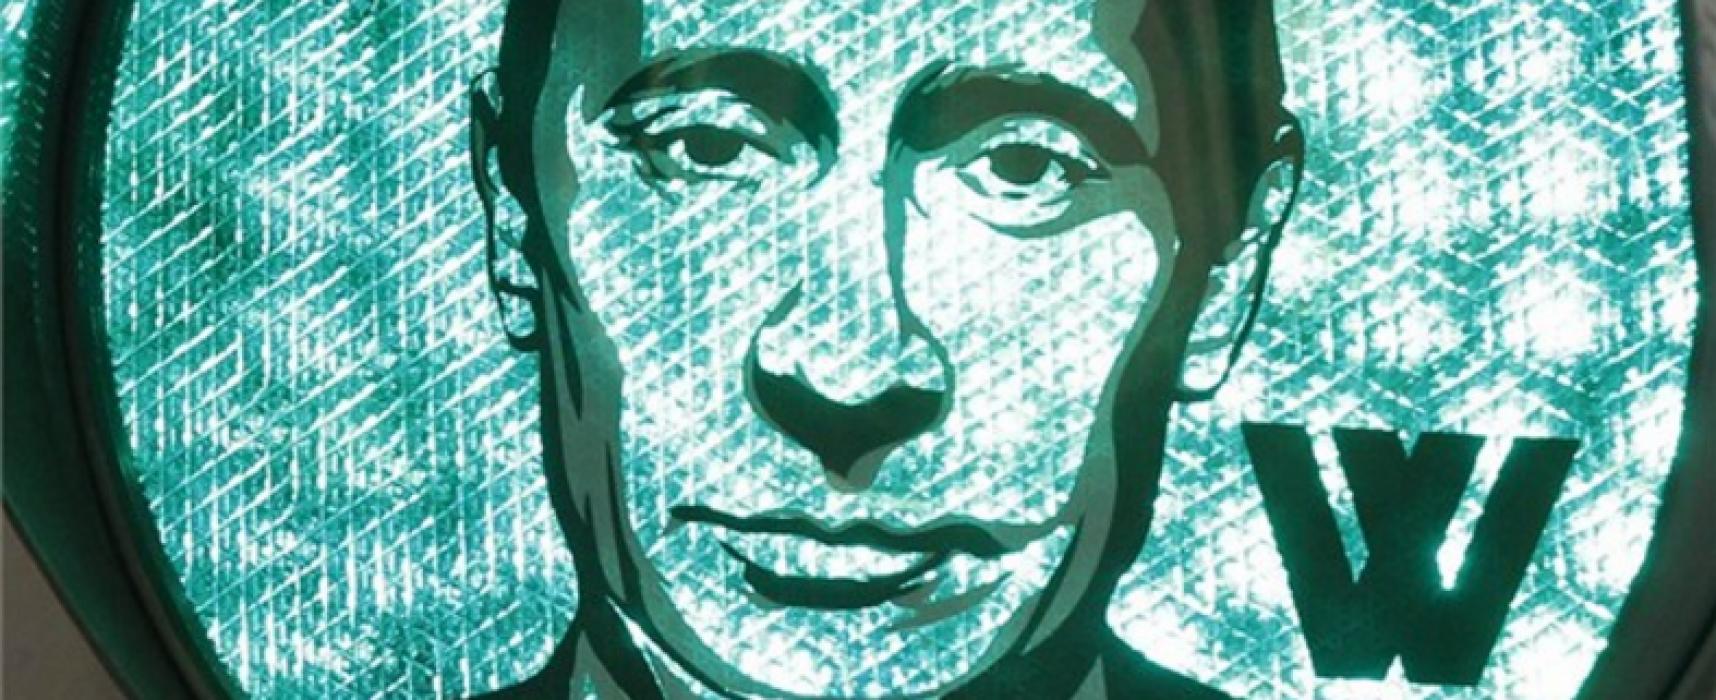 Ruské dezinformace zaplavují Česko a zamlžují pravdu, tvrdí analytička